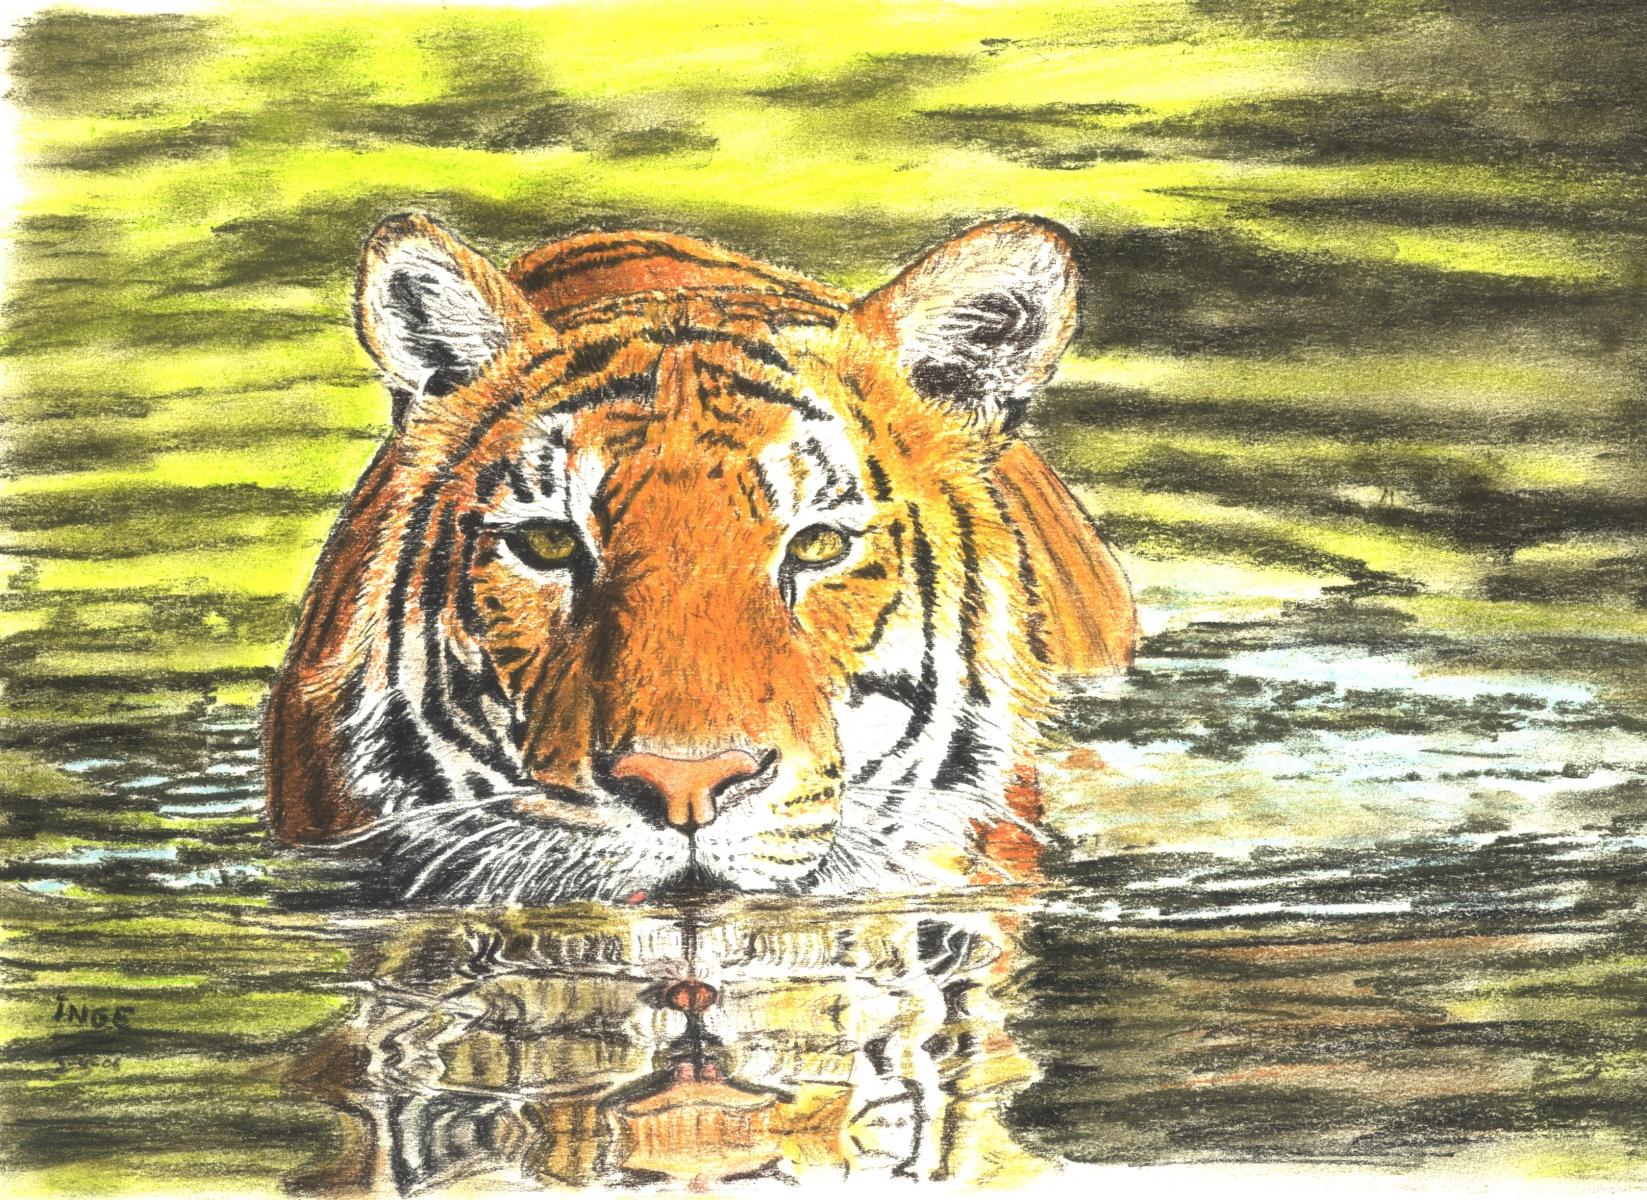 tijger-in-water